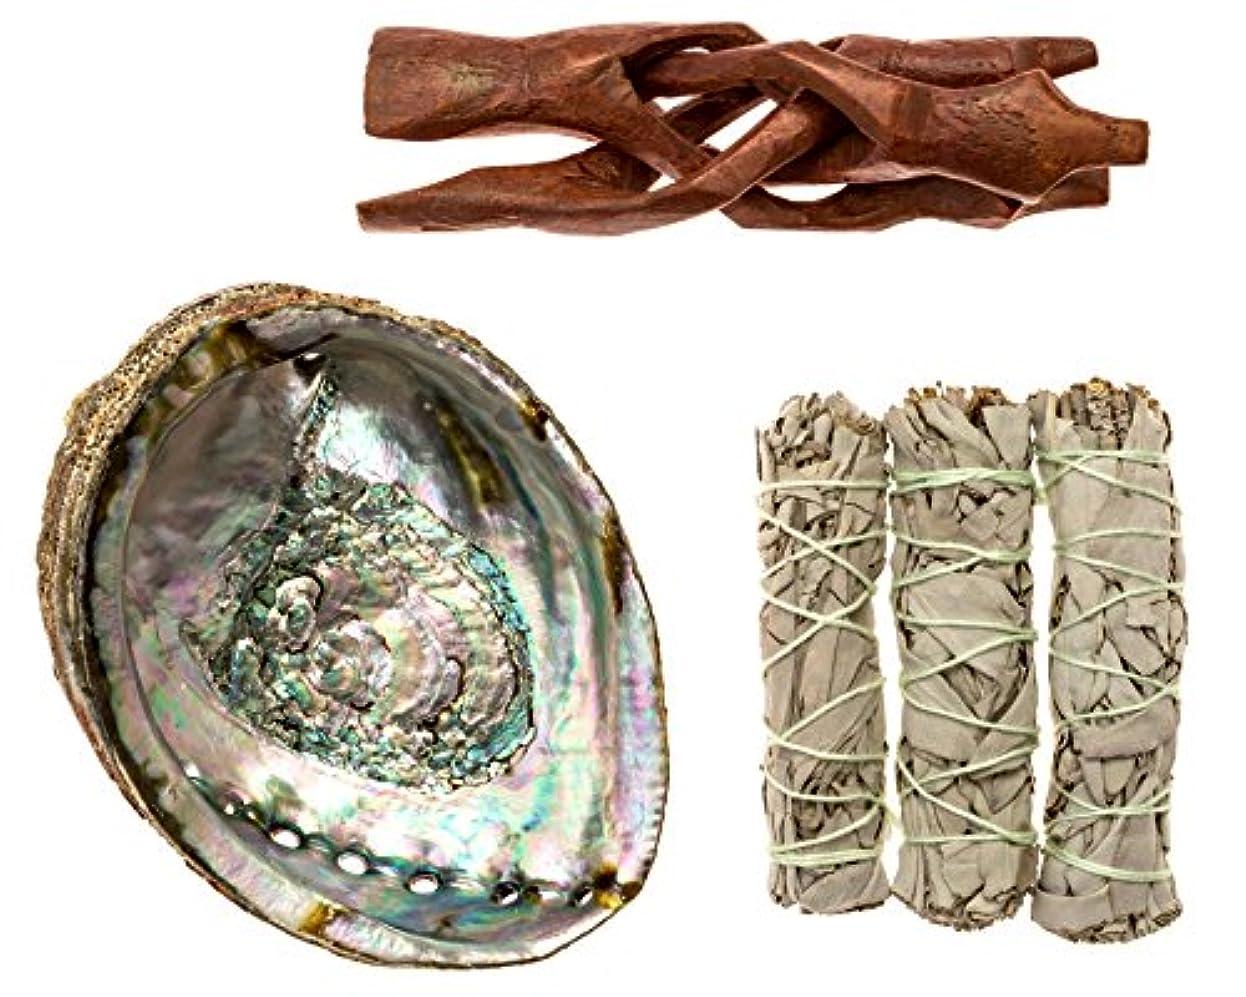 表面的な交換テロリストPremium Abalone Shell with木製三脚スタンドと3カリフォルニアホワイトセージスマッジSticks for Incense燃焼、Home Fragrance、エネルギーClearing、ヨガ、瞑想。...